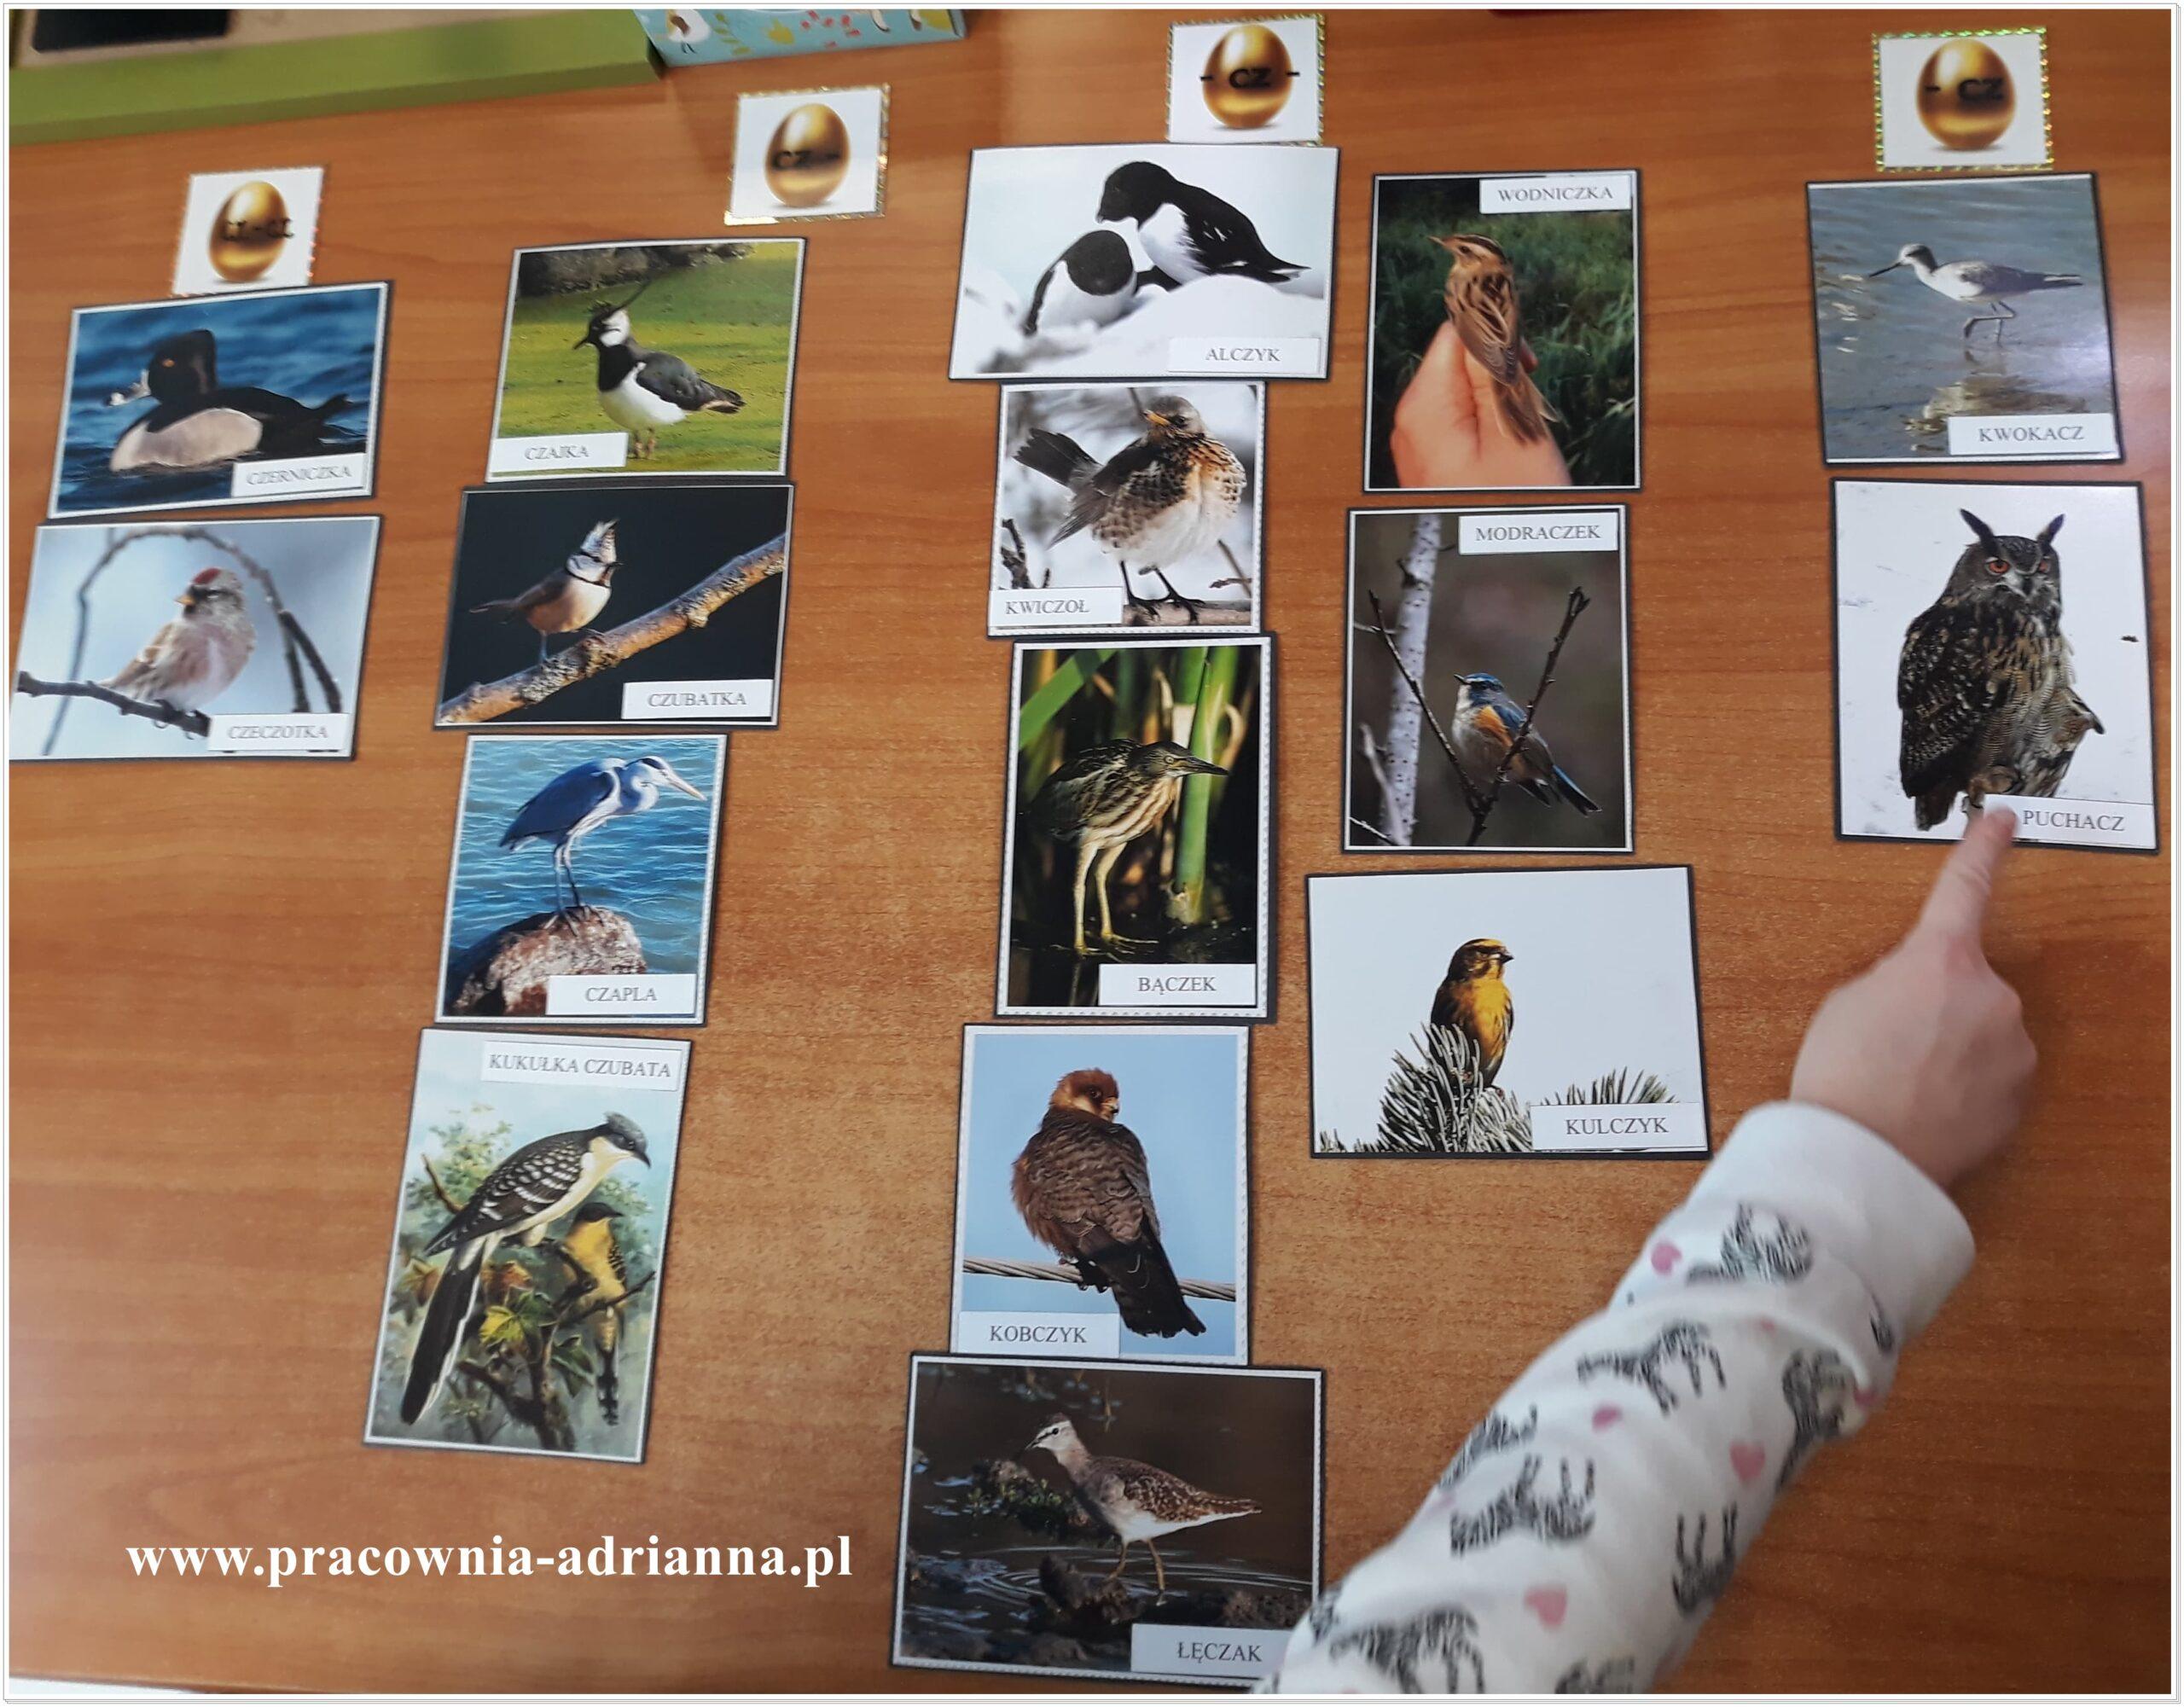 Pomoc wymyślona 6 lat temu, ale nadal w użyciu i nadal bardzo lubiana przez dzieci. Może dlatego, że ma prawdziwe zdęcia prawdziwych ptaków? Pomoc prosta – 15 ilustracji z ptakami, małe etykiety naklejone, duże etykiety do dopasowywania. Cztery ilustracje – złote jajo.Moje ptaki to zdjęcia, odbite w zakładzie fotograficznym, podklejone kartonem. Nie laminowałam bo mi […]